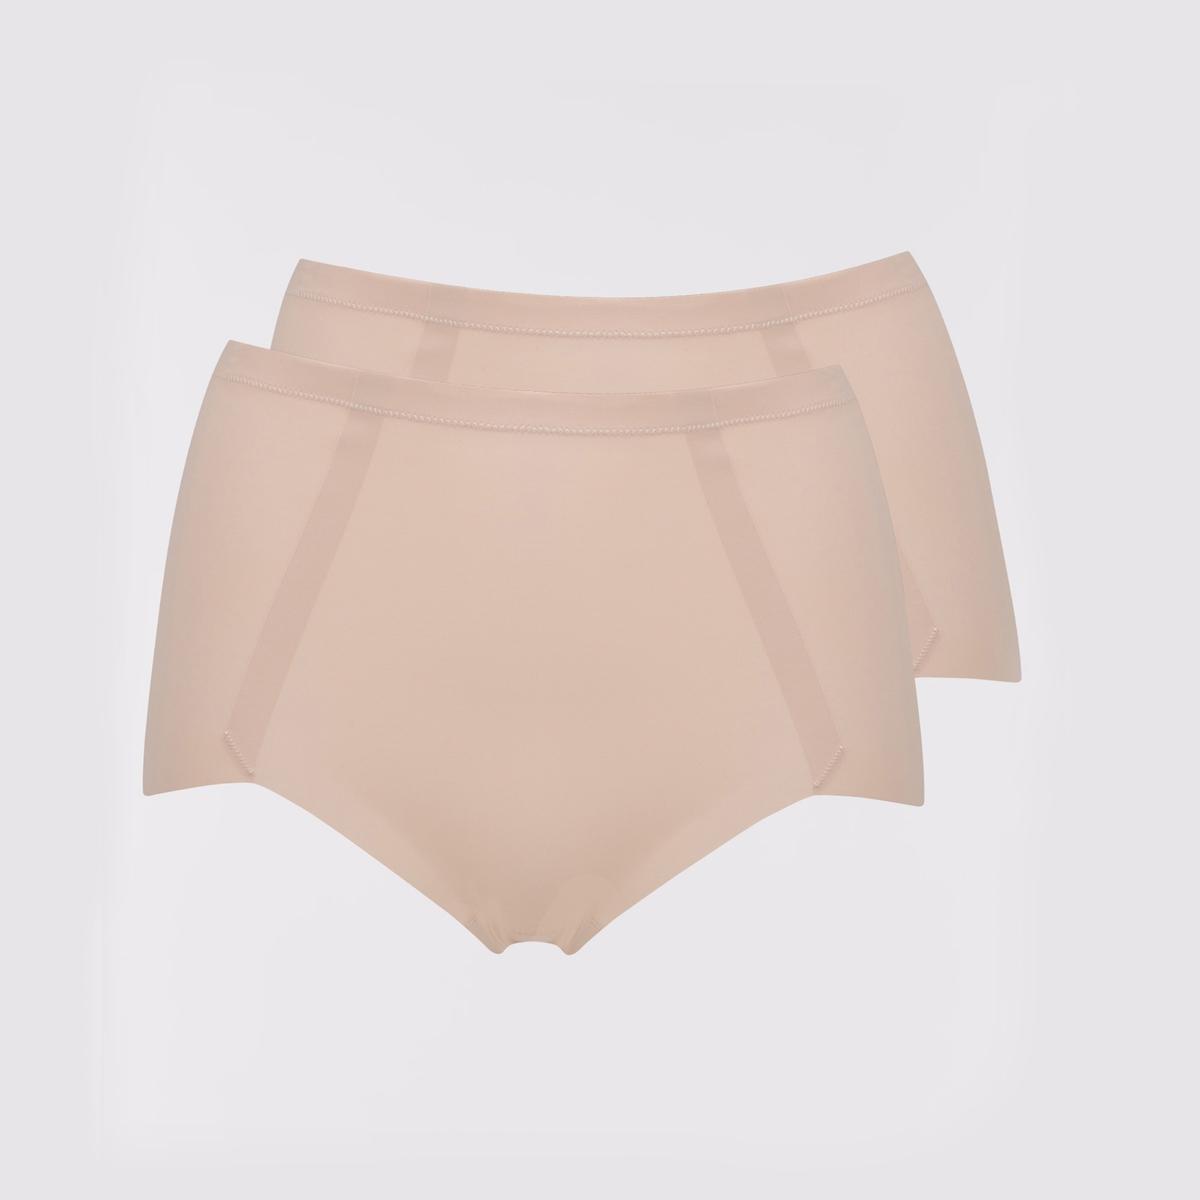 Комплект из 2 трусов незаметных La Redoute Под одеждой с эффектом плоского живота S розовый комплект из 2 трусов для мальчиков